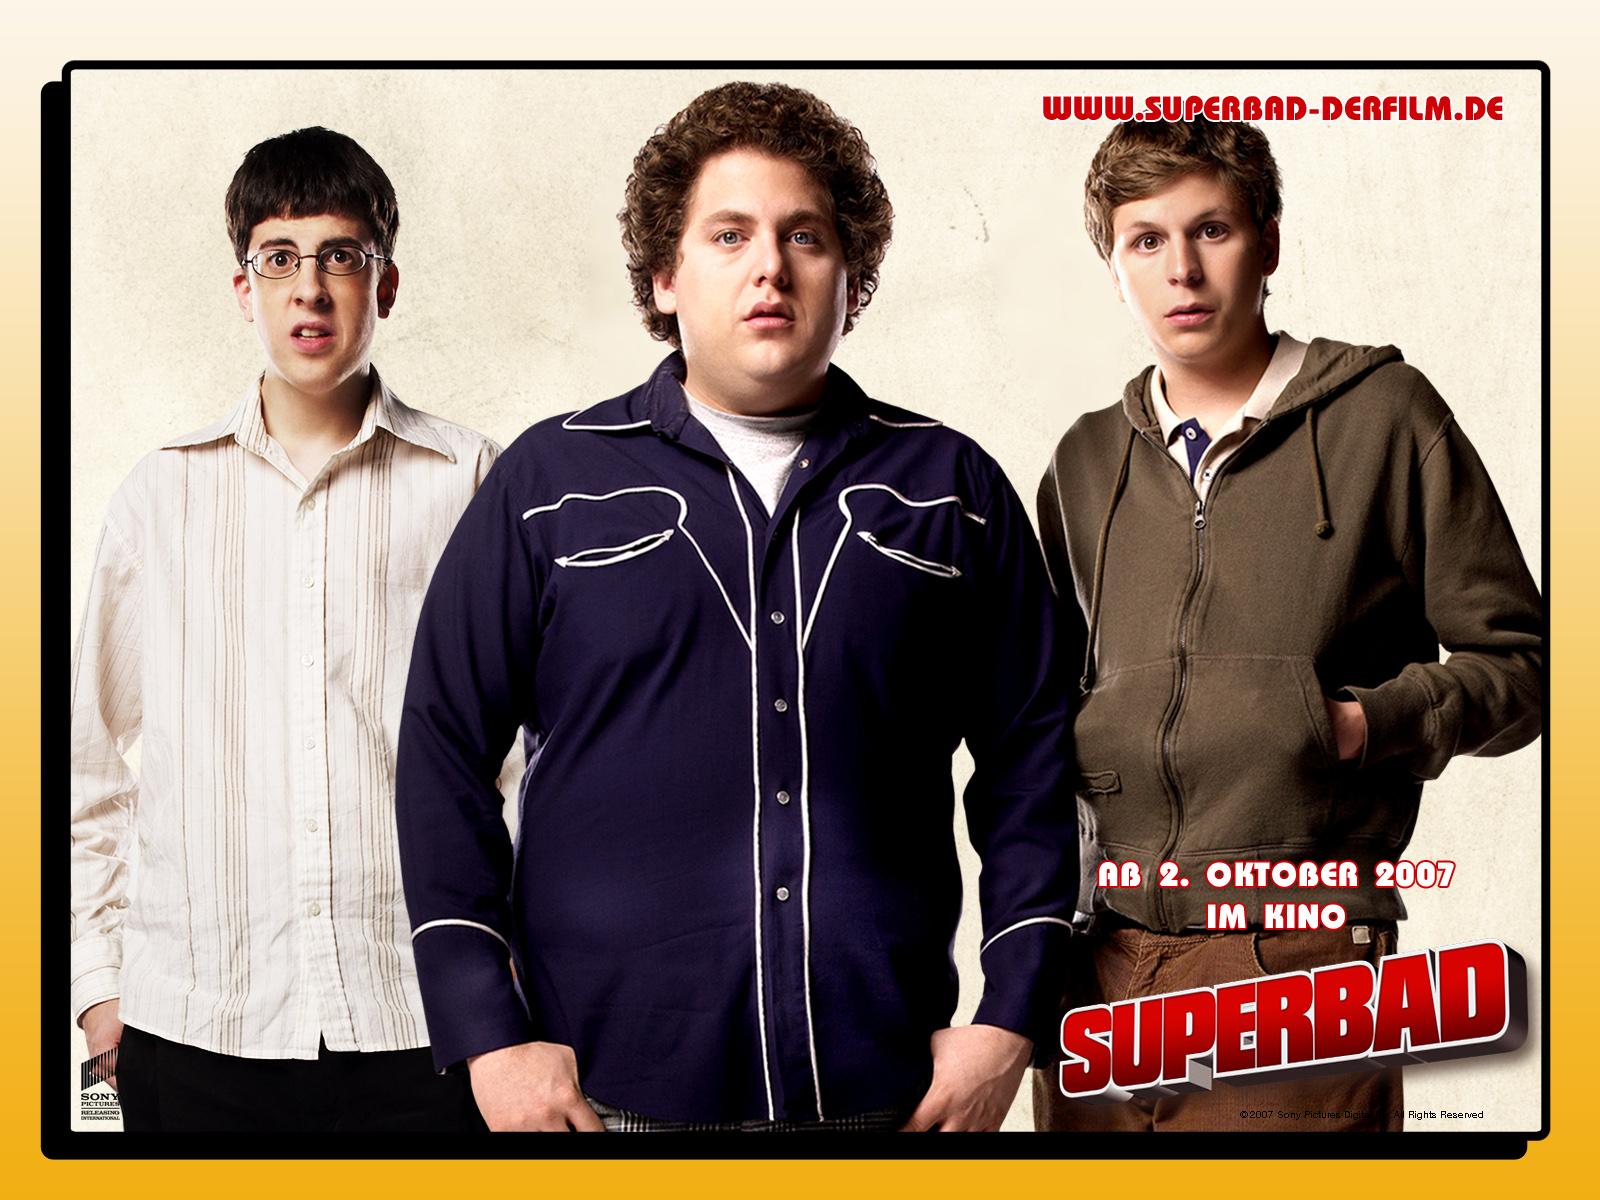 Superbad cast